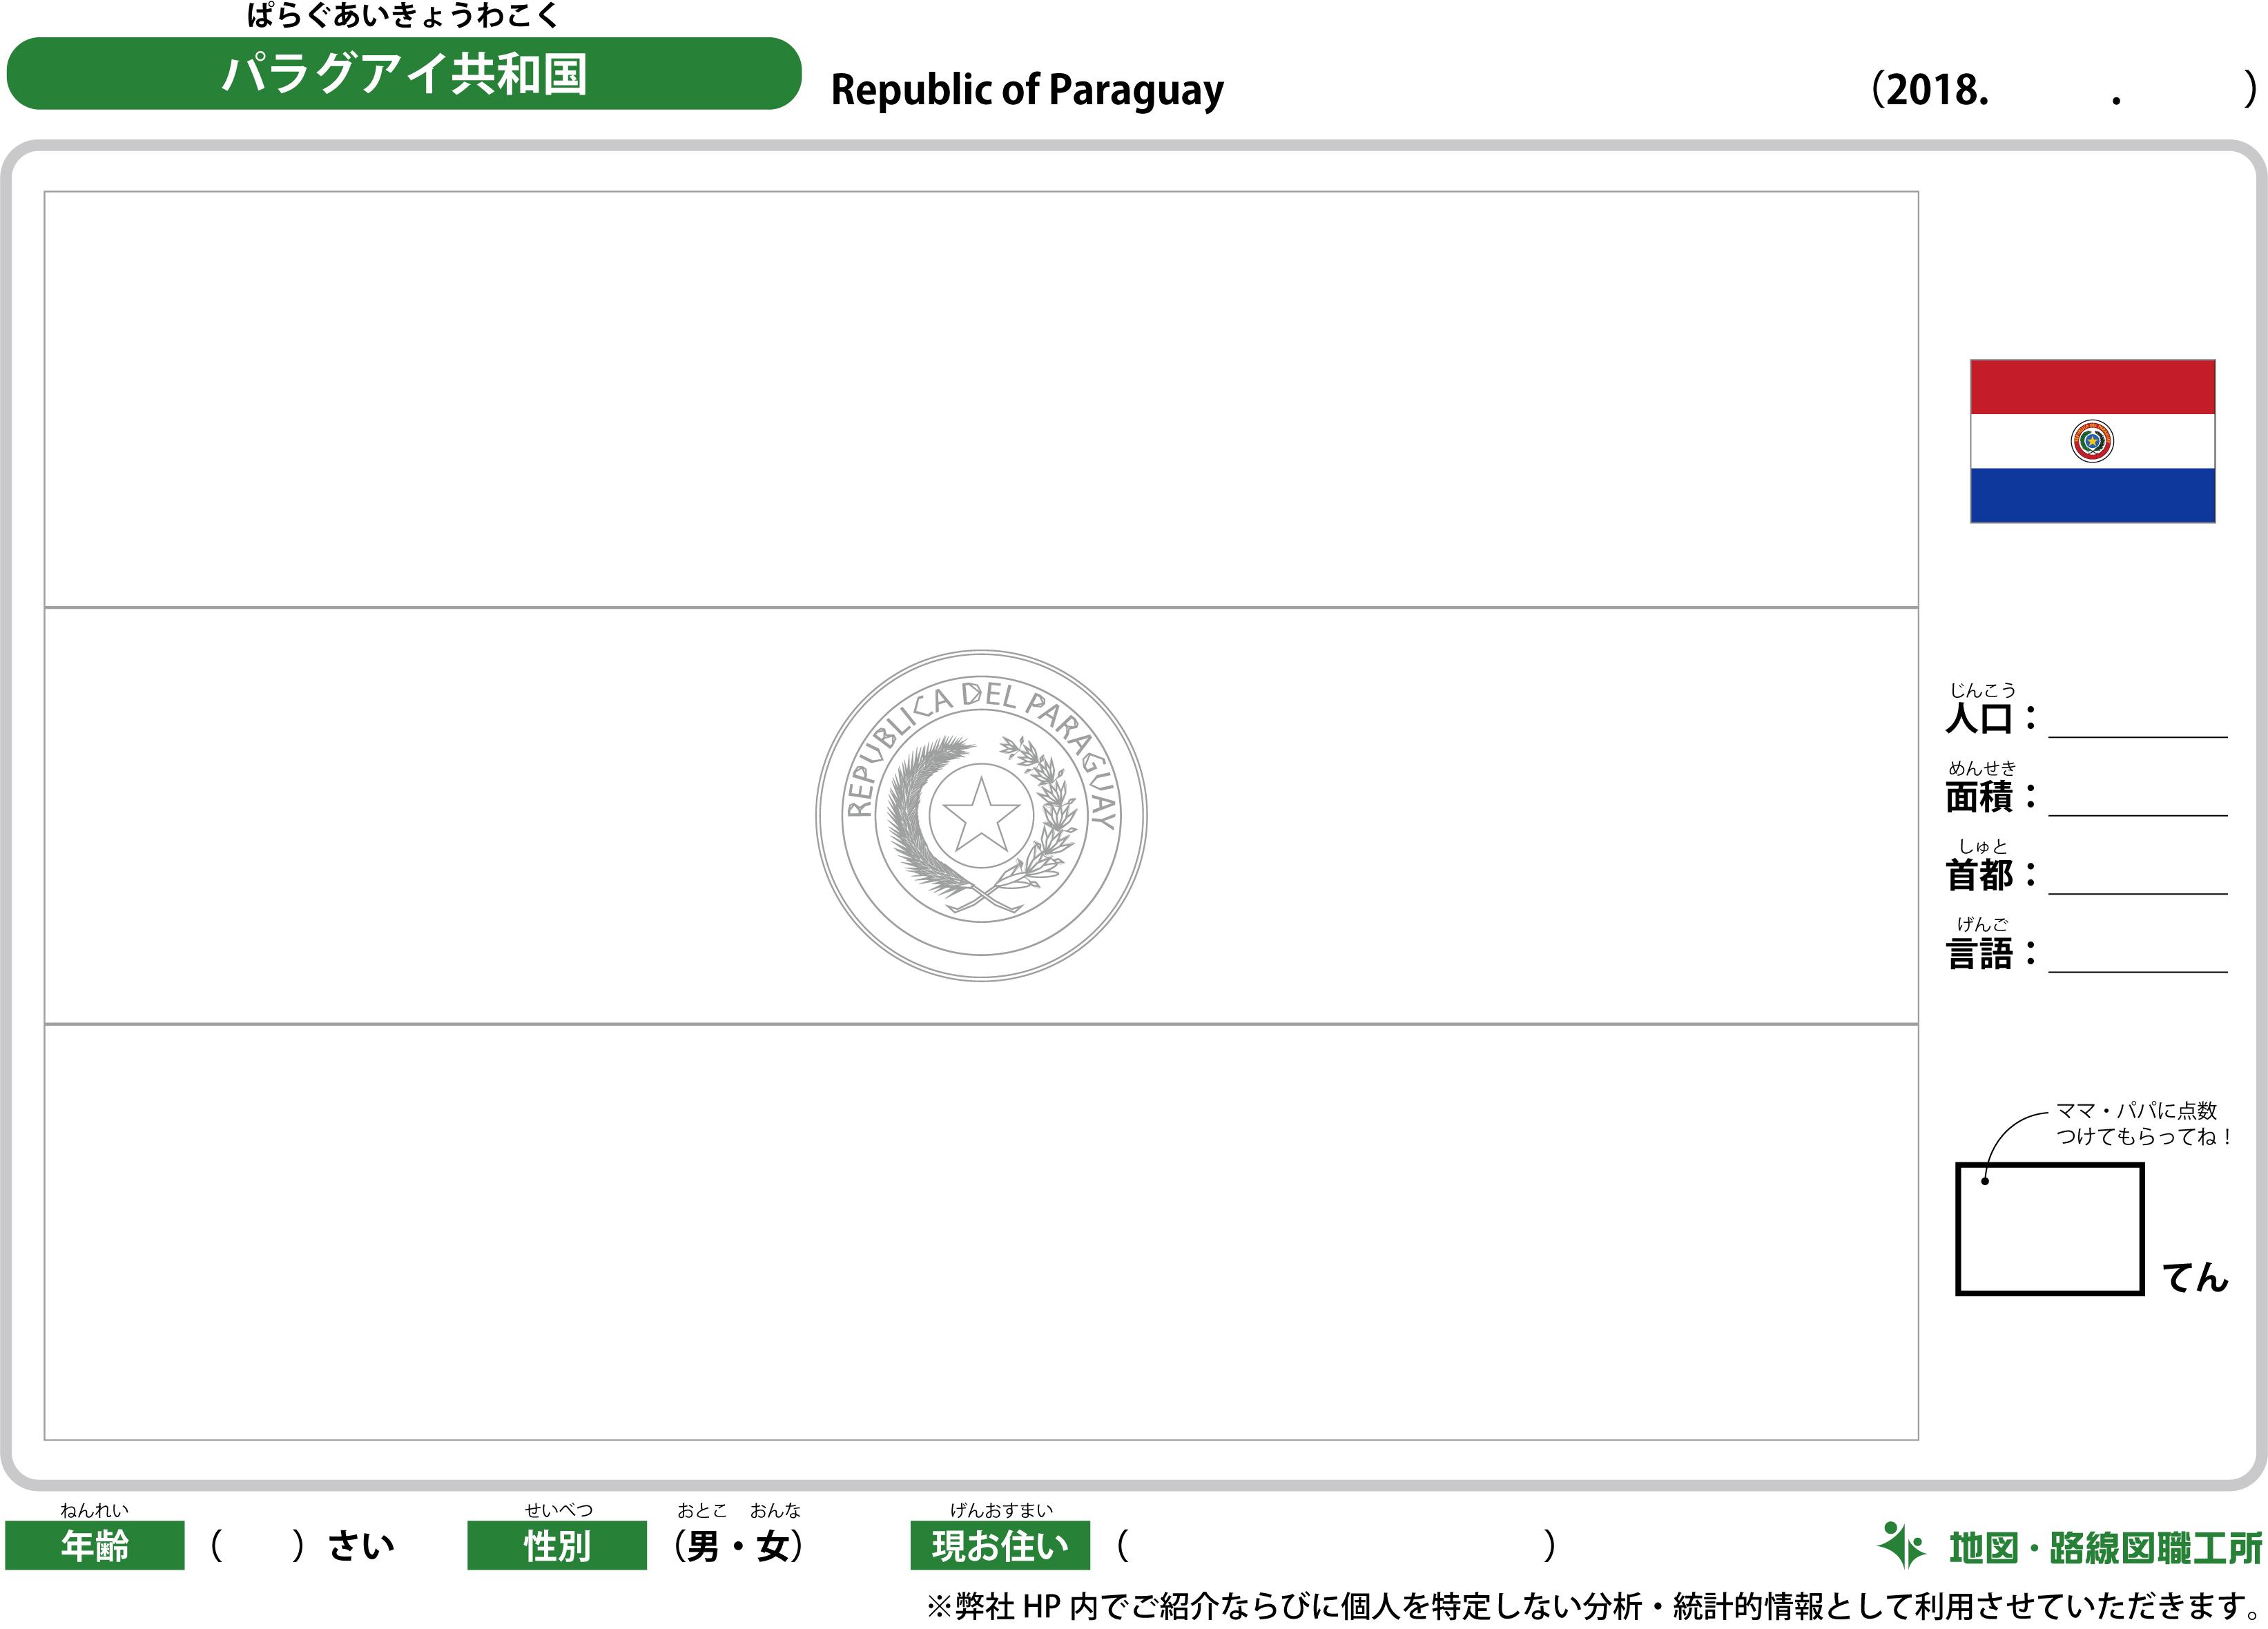 パラグアイ共和国